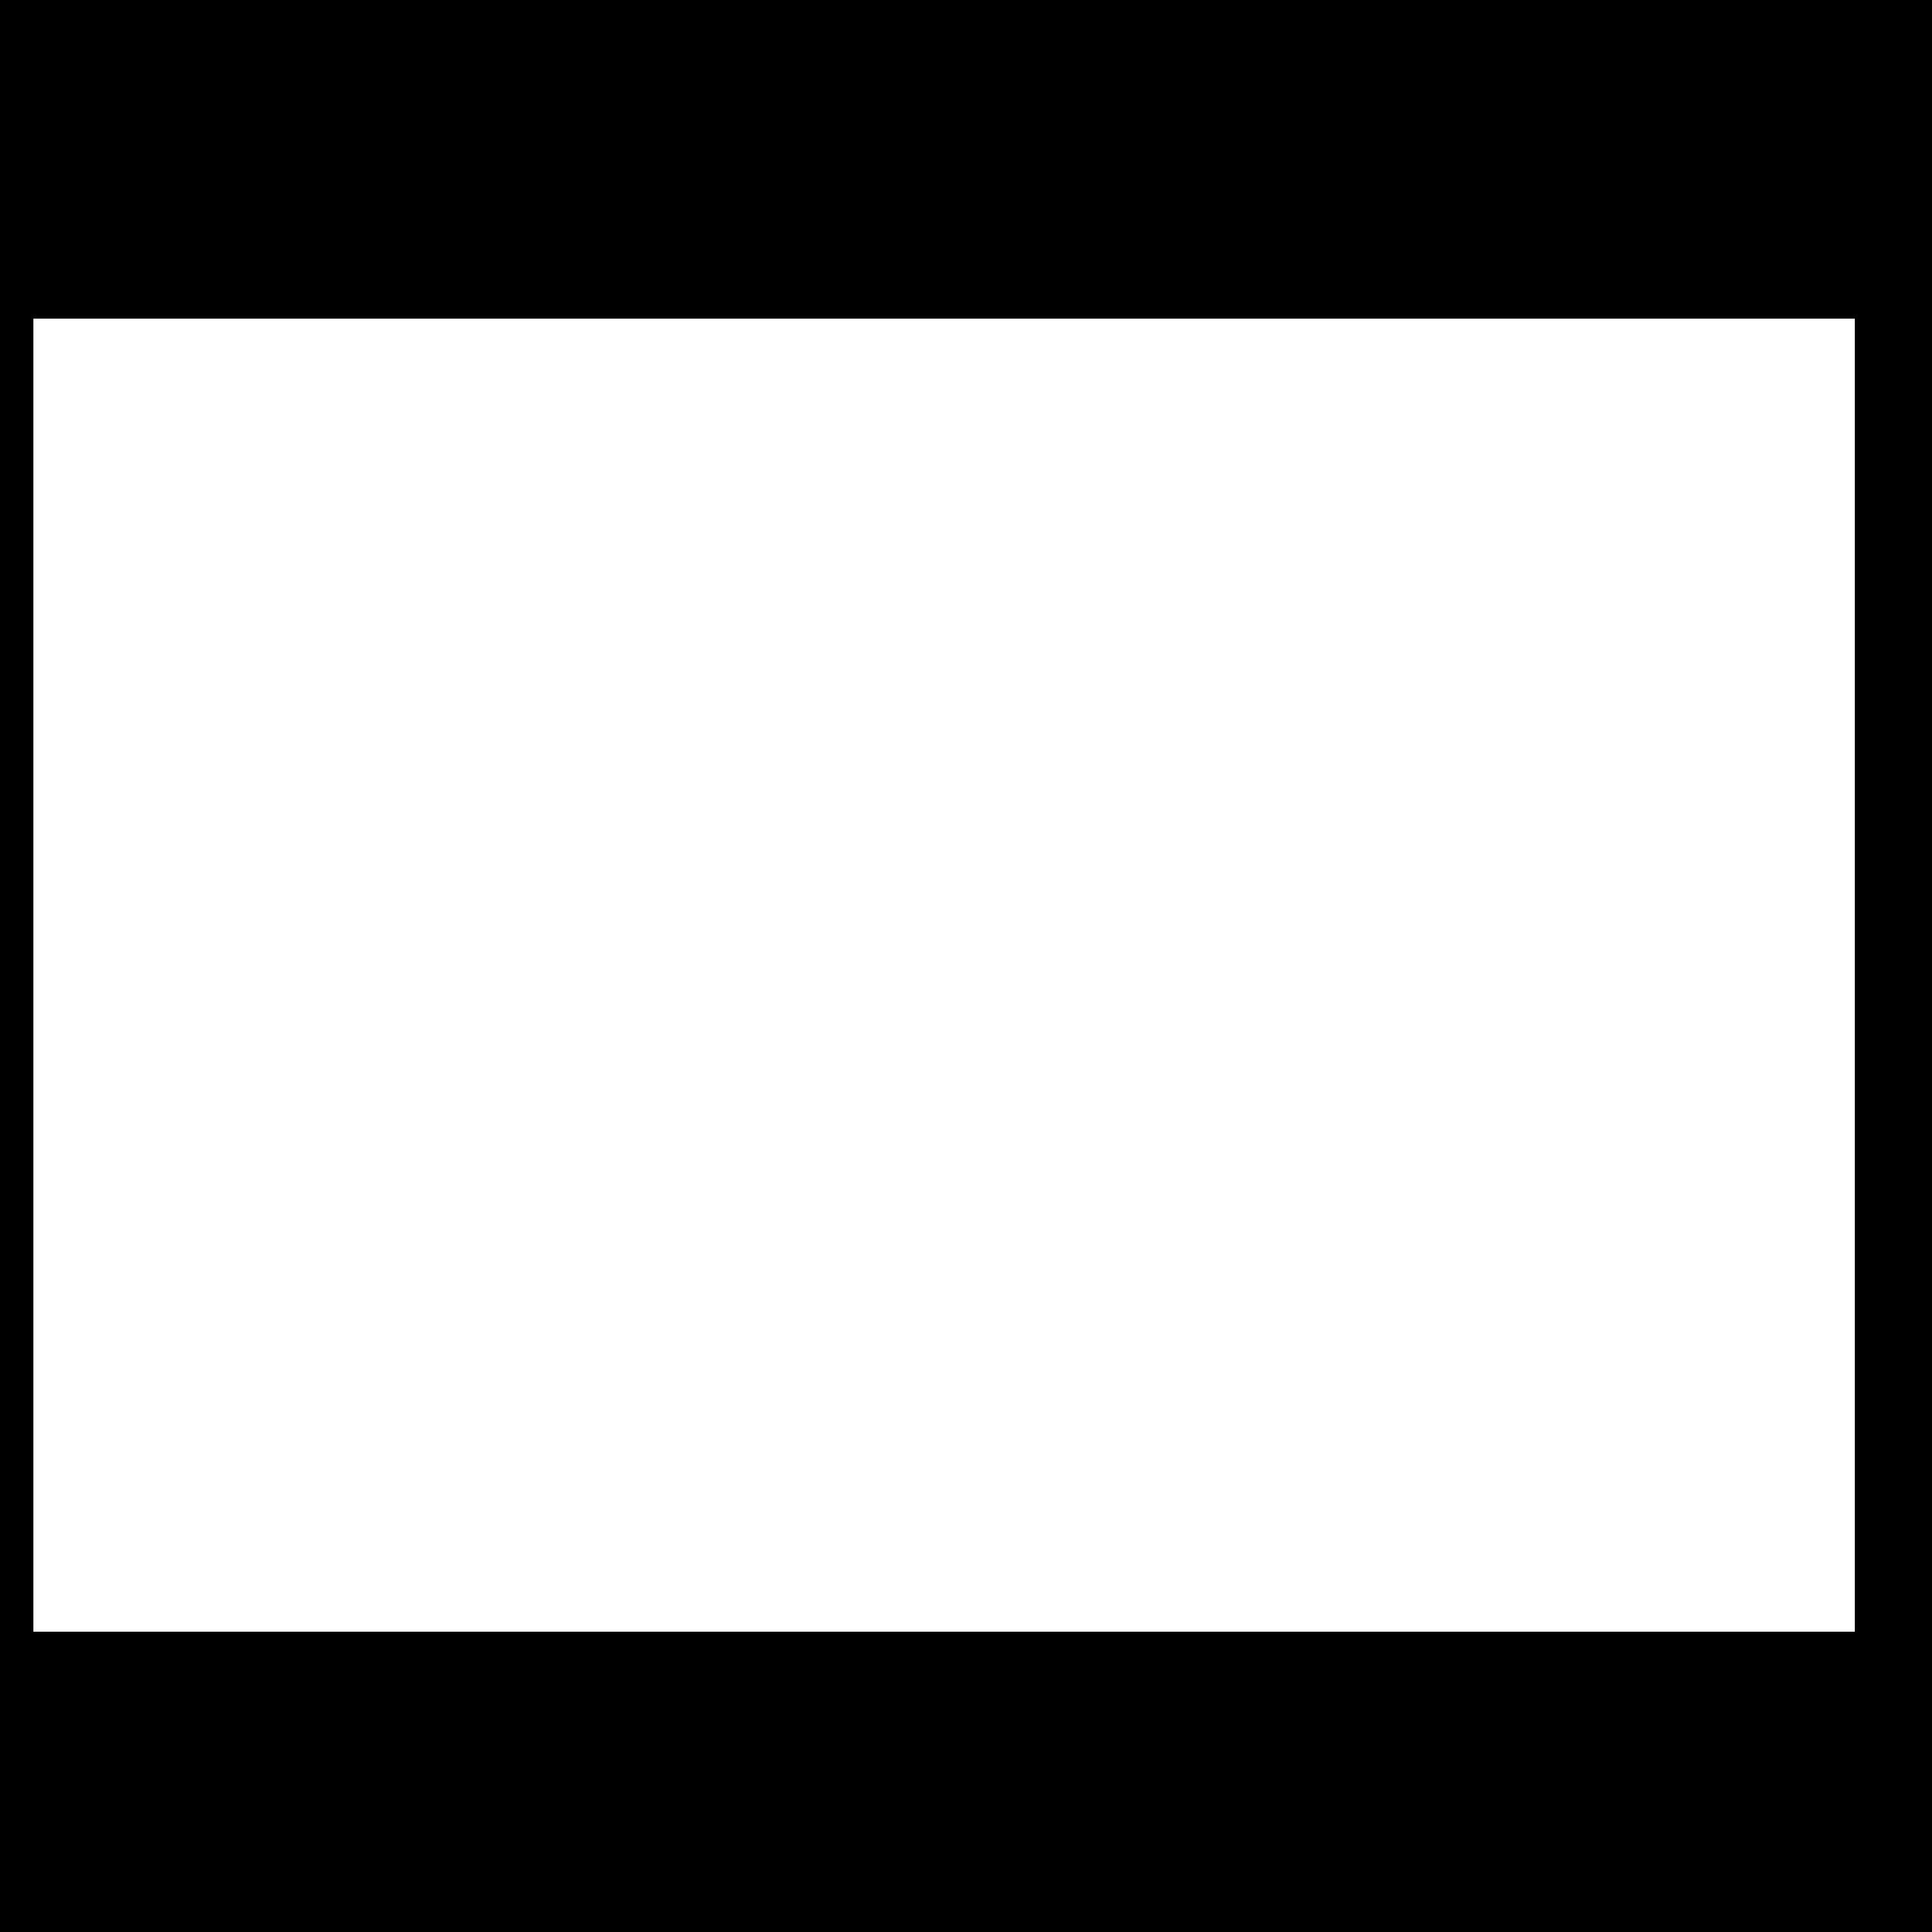 dvmedialab